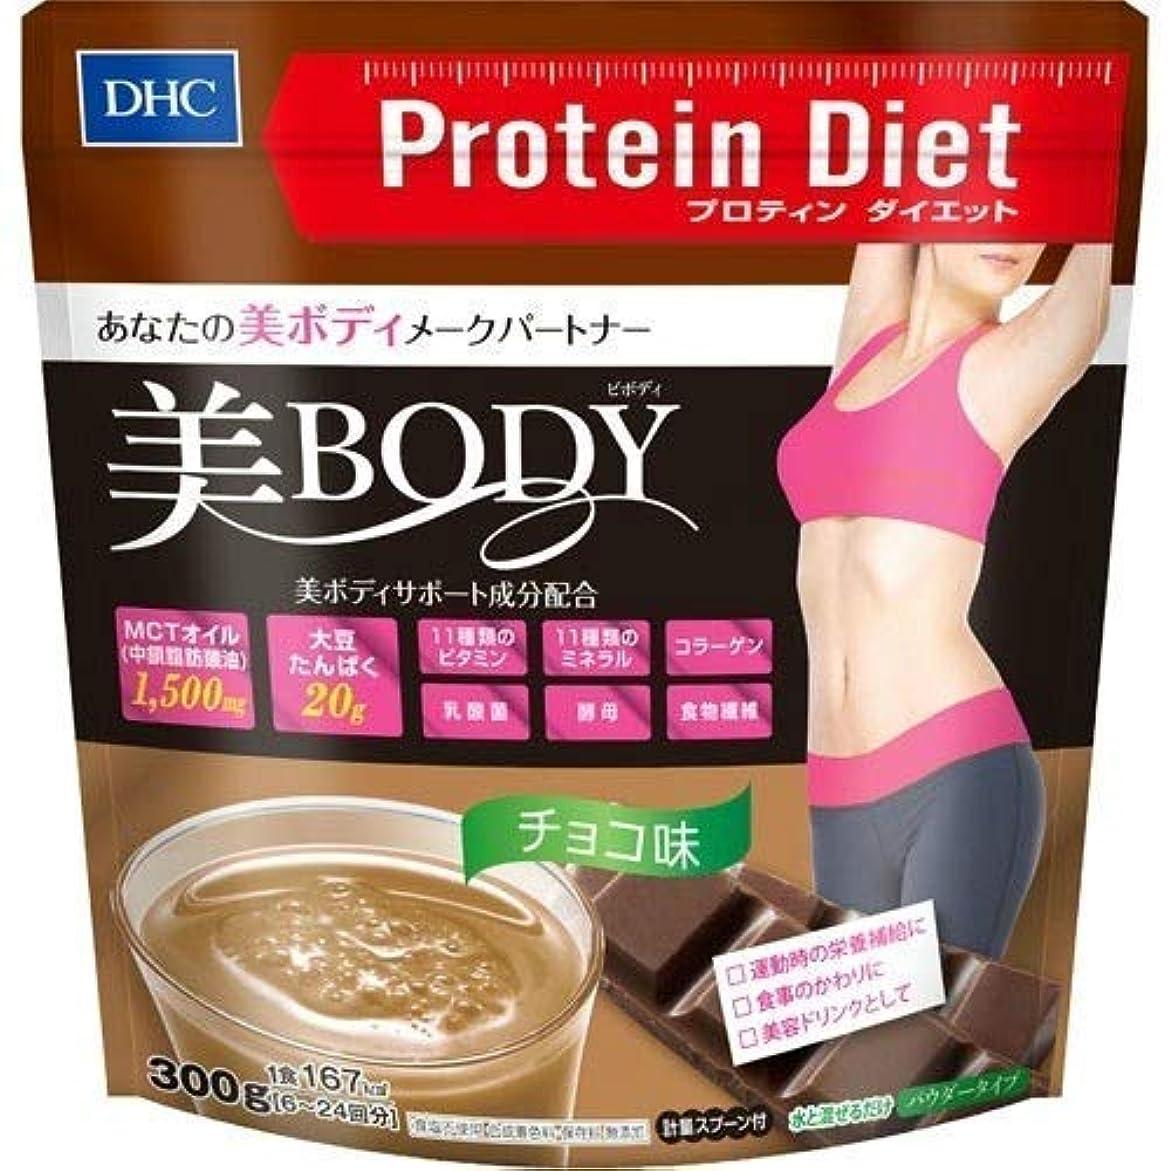 チャーミングリレー見えないDHC プロテインダイエット 美Body チョコ味 300g×2個